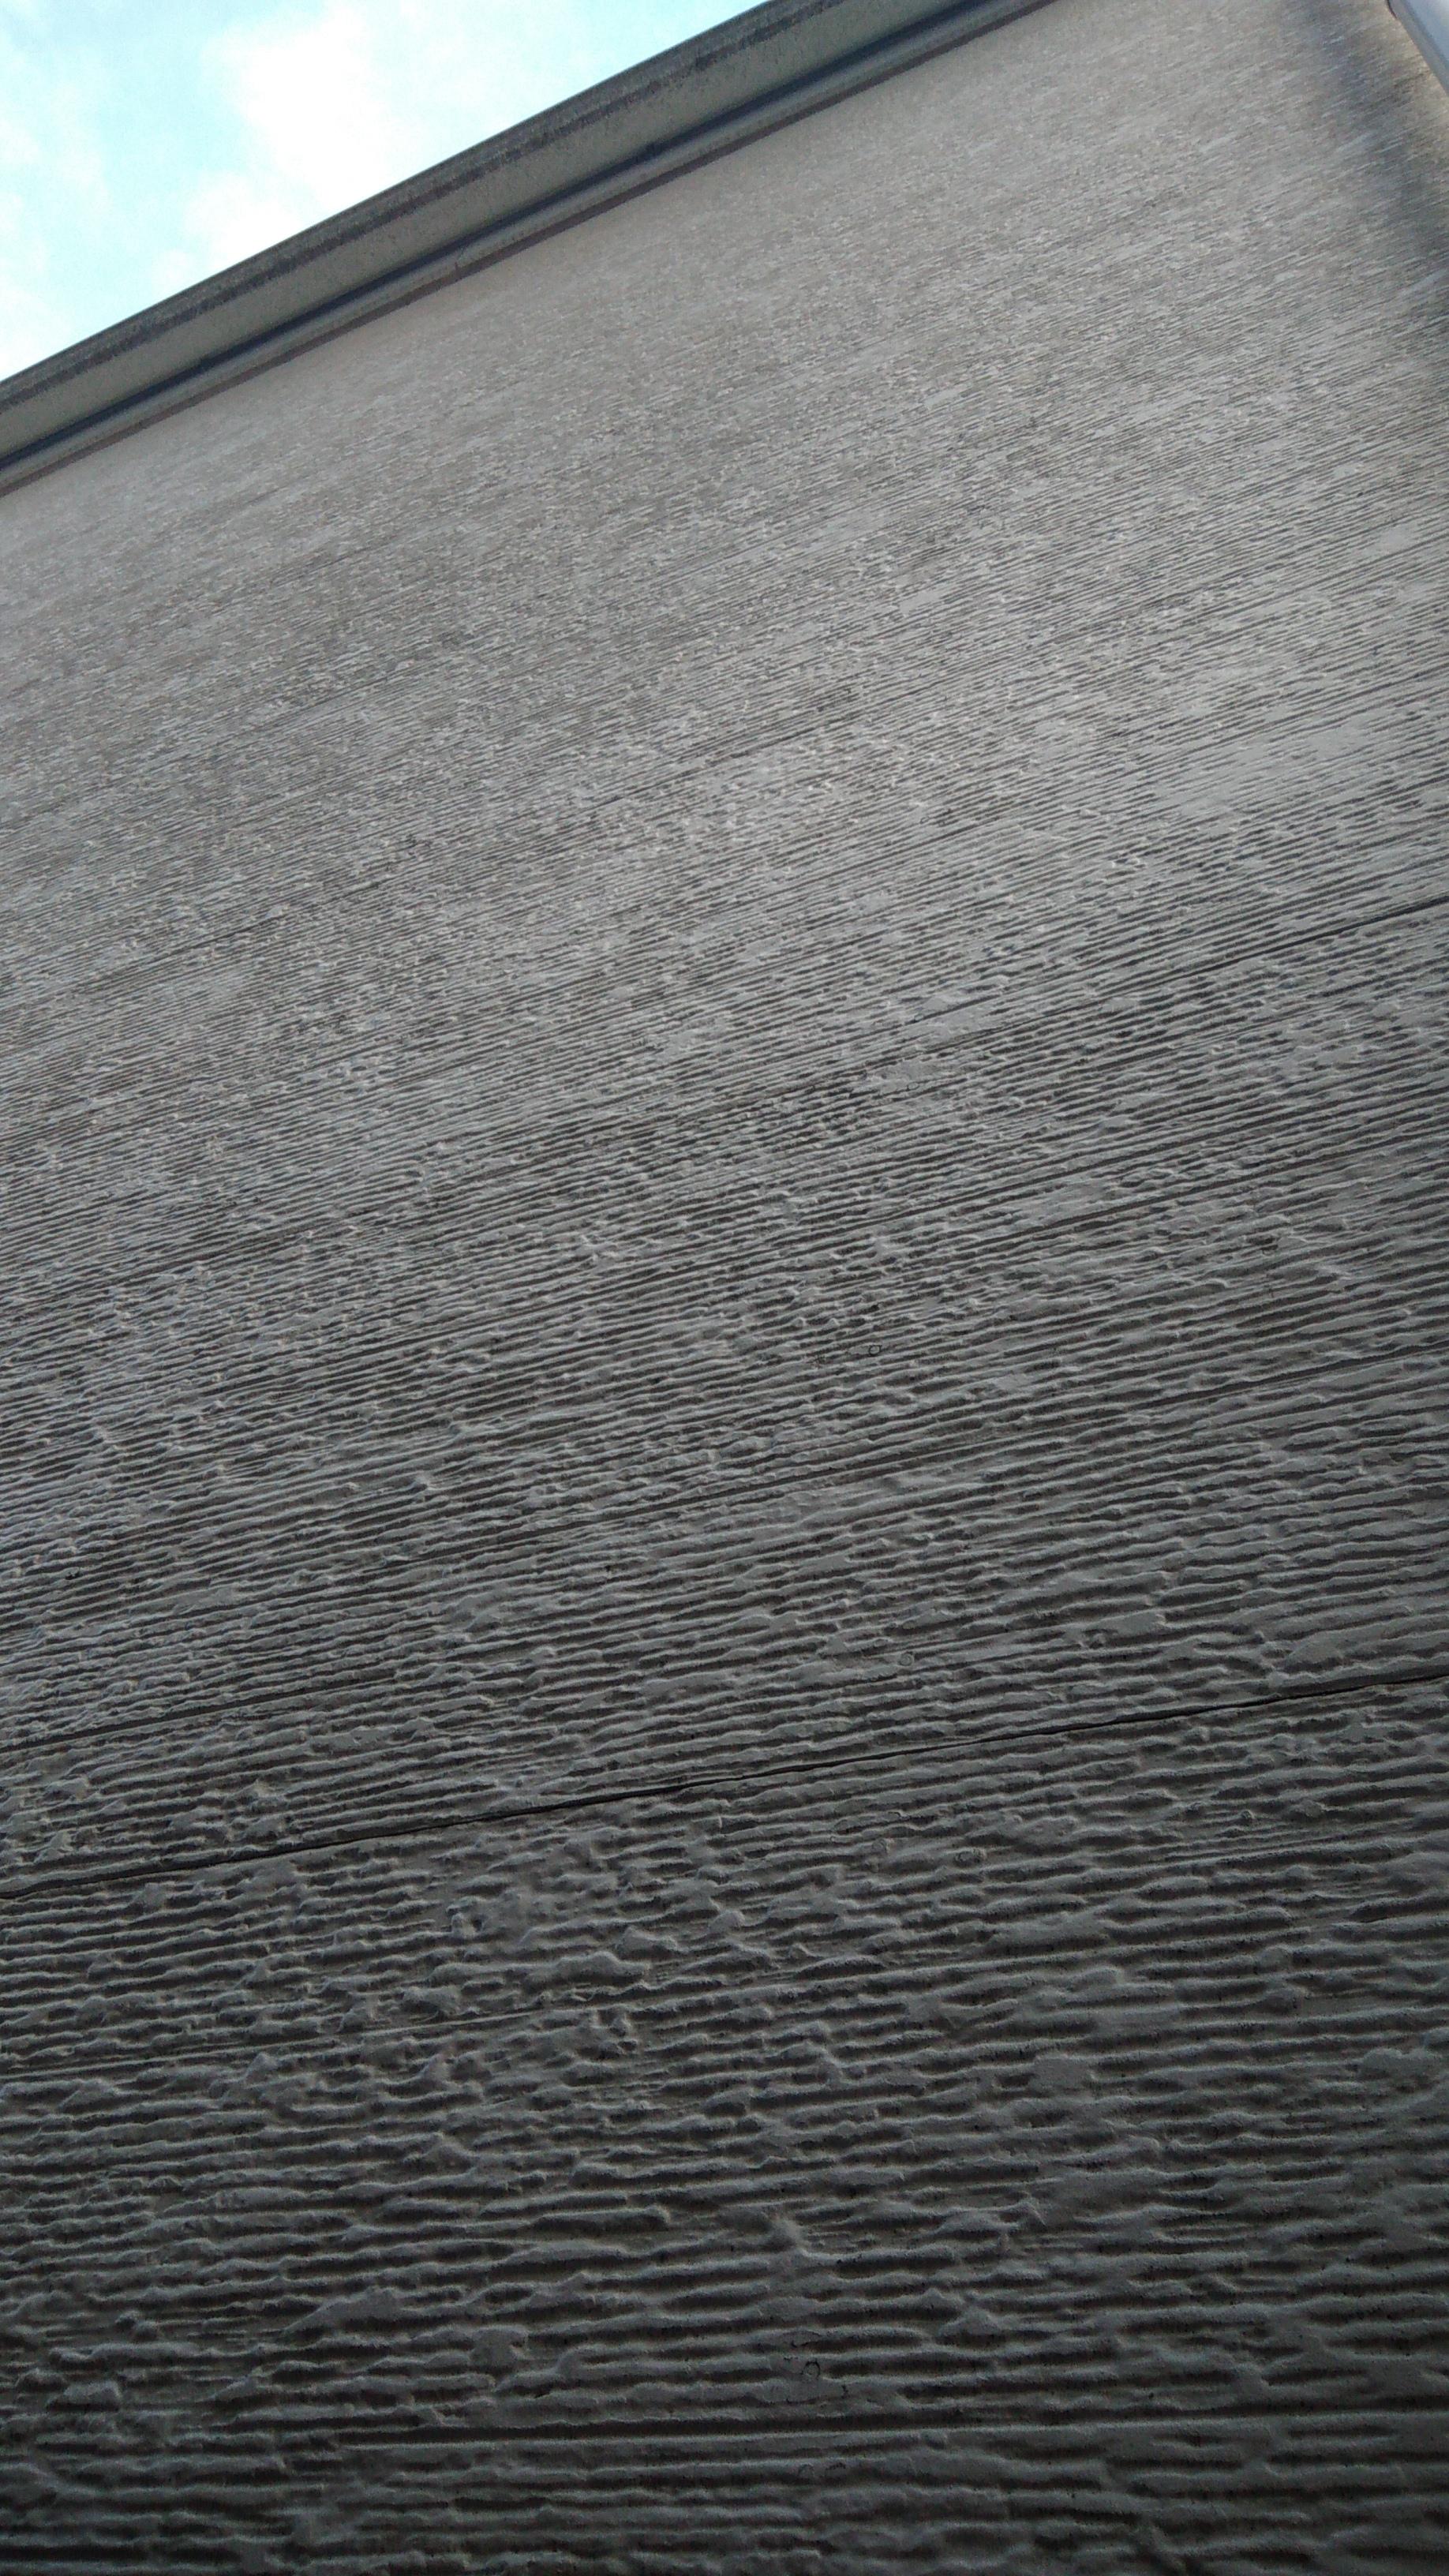 0f06852b408b11e149346aab3d551d2b - 家の外壁のコケ(苔)取り・藻の除去の方法徹底調査で最安の方法コレ